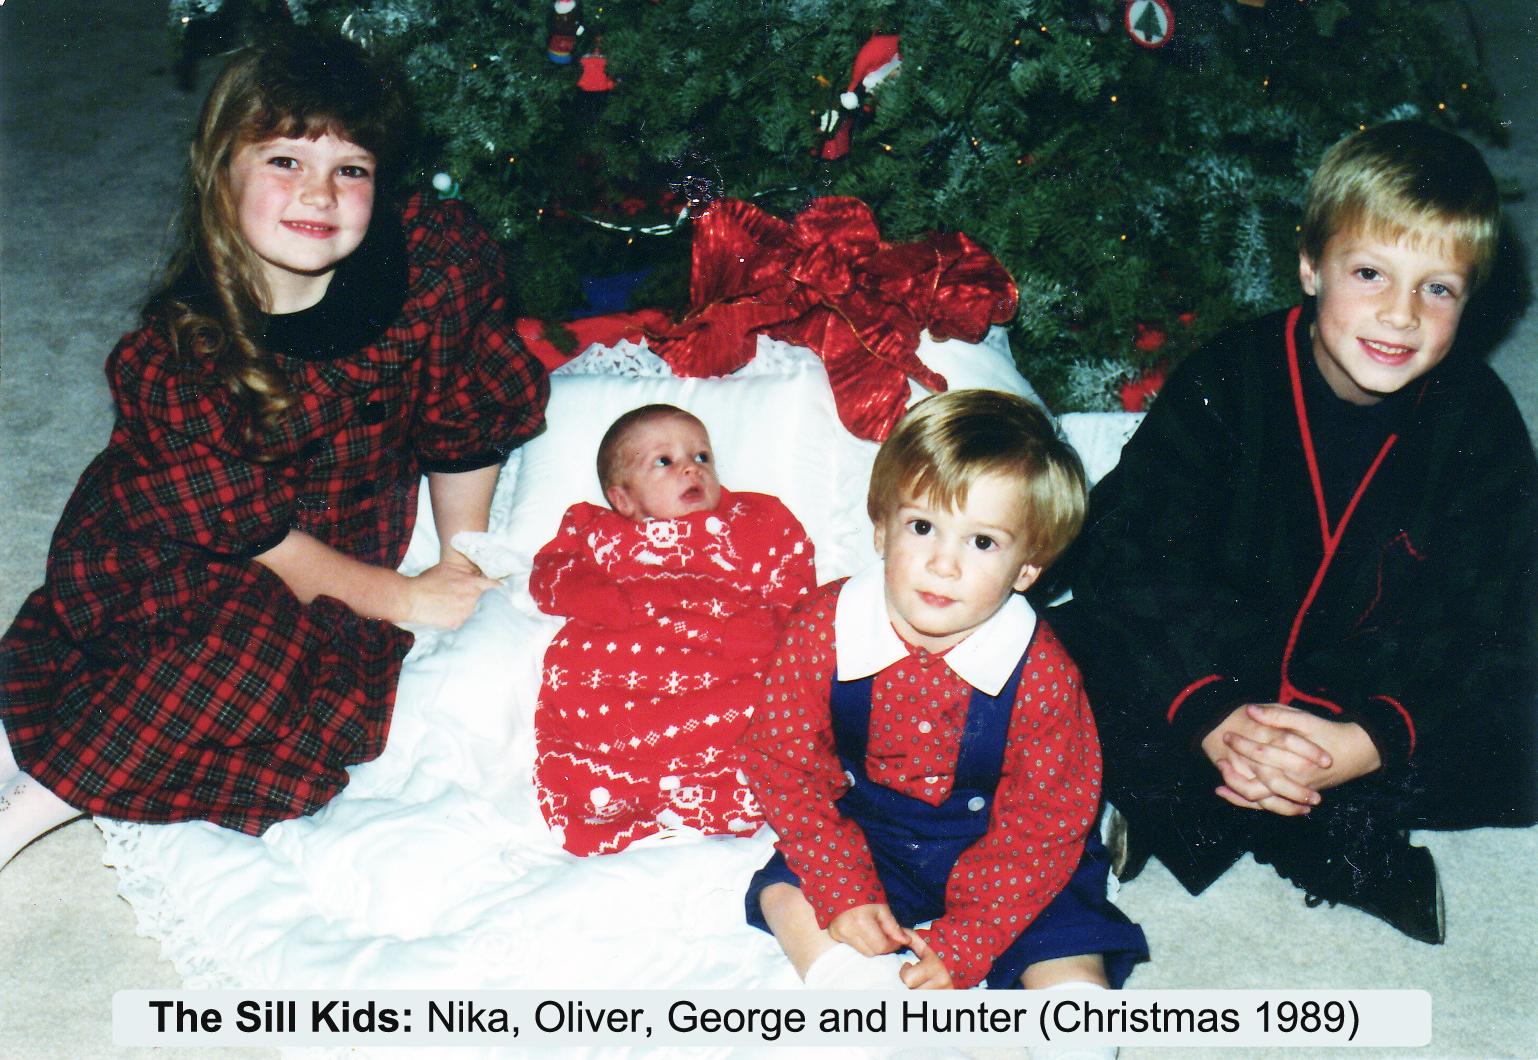 Christmas 1989 Nika, Oliver George and Hunter